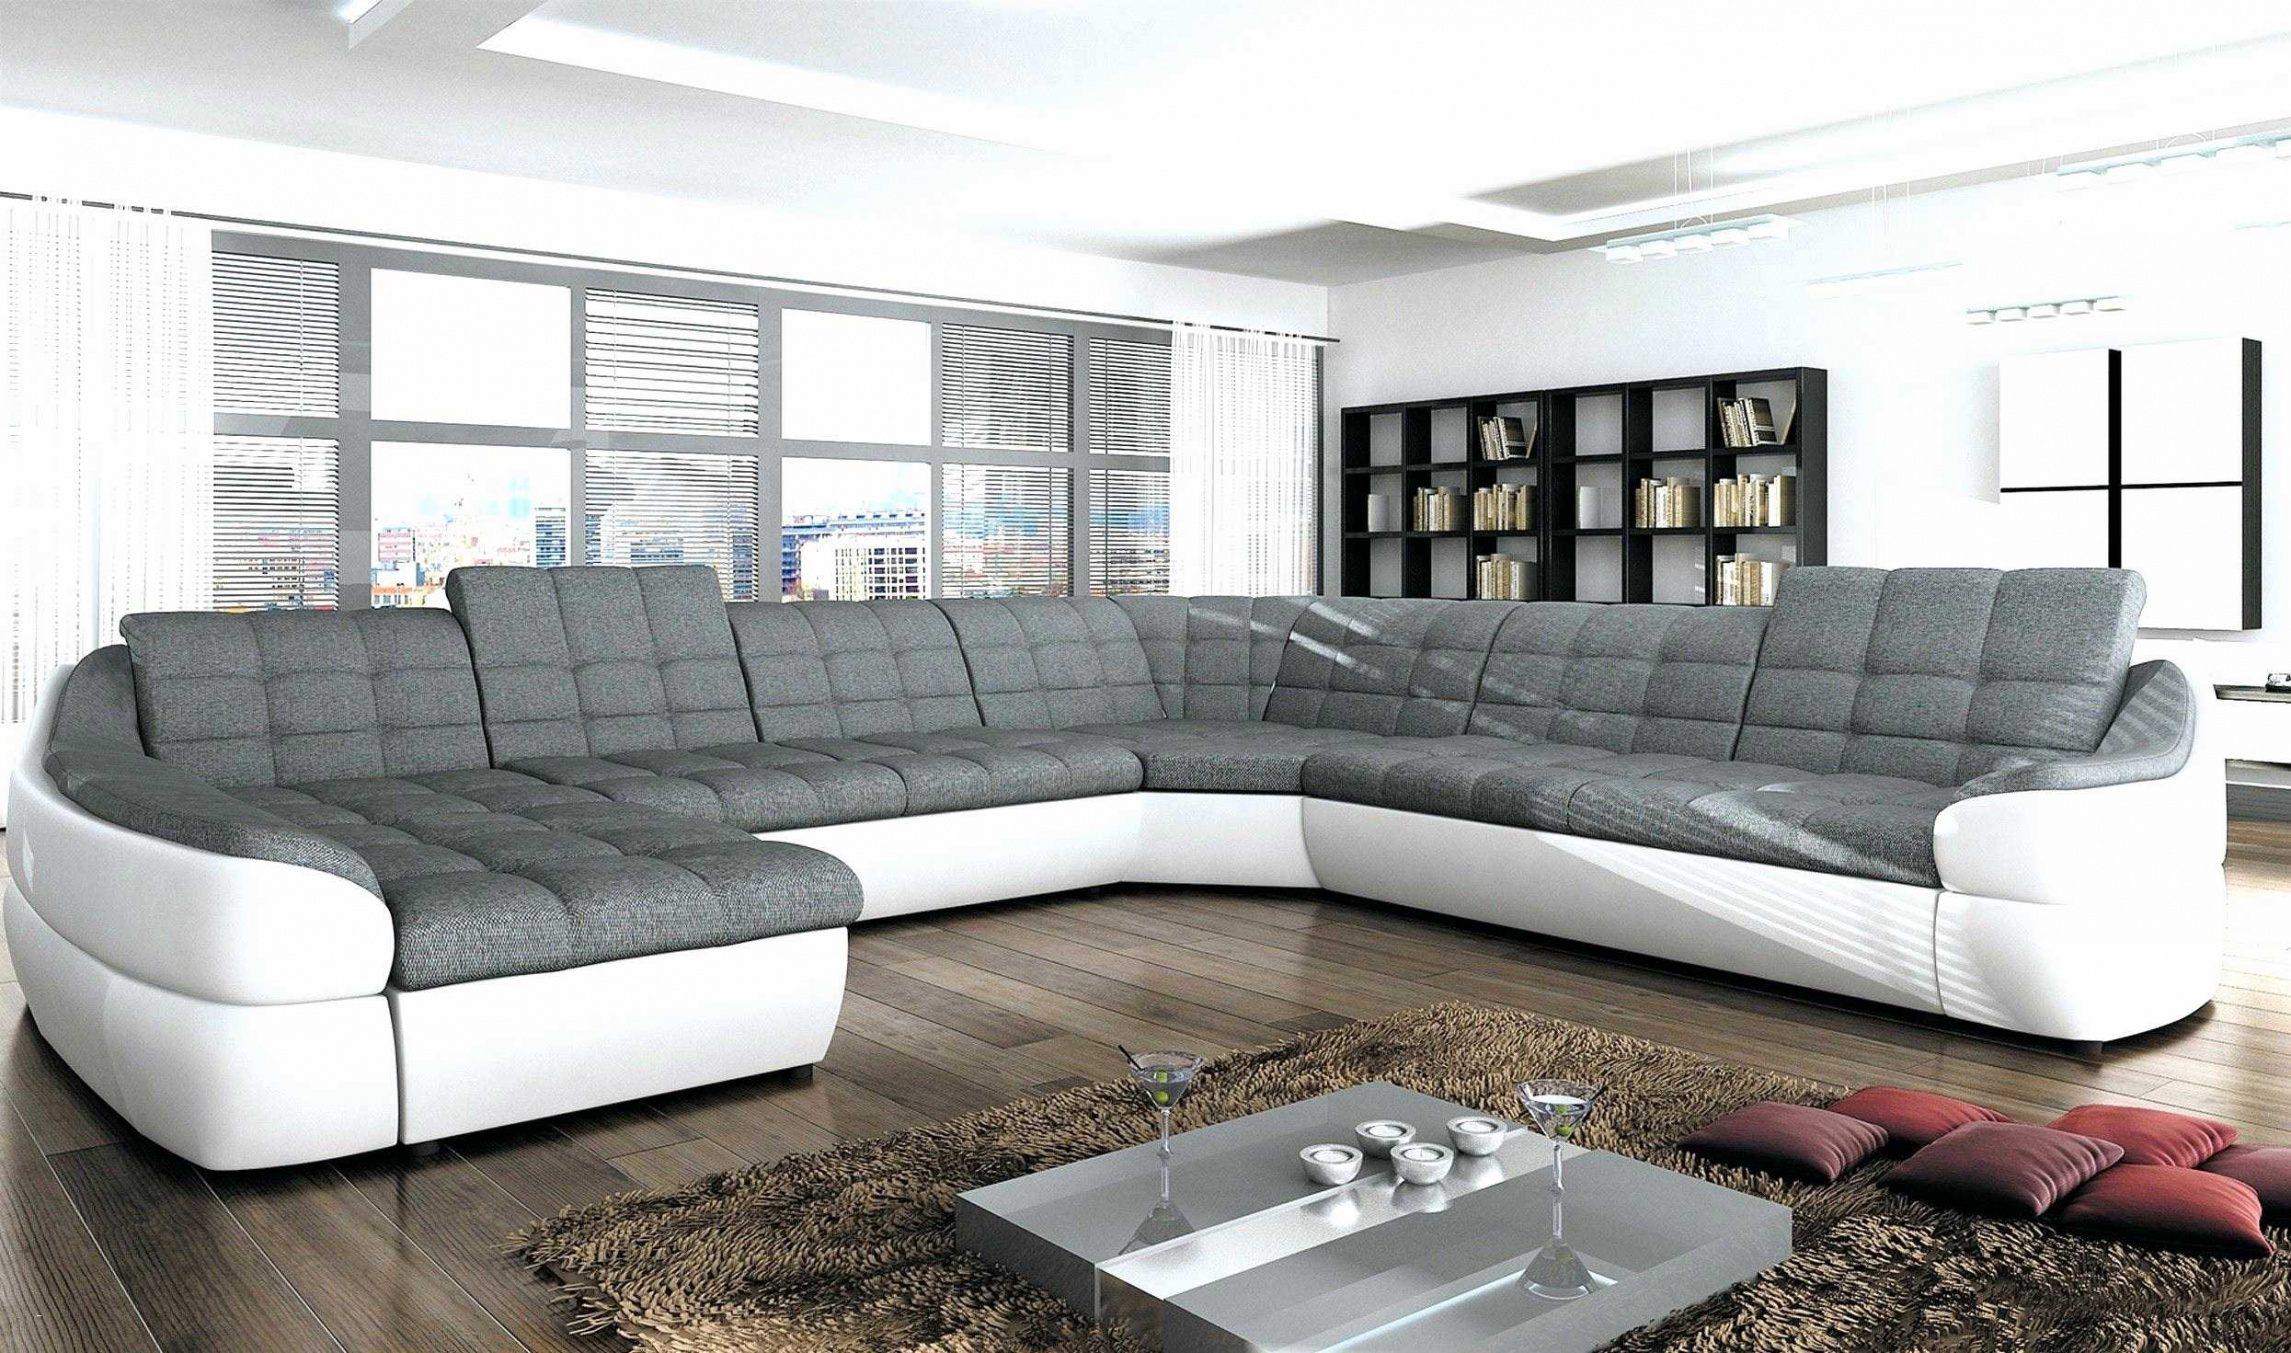 Canapé Lit Confortable Génial Lit Canapé Grand Canapé D Angle Convertible — Puredebrideur